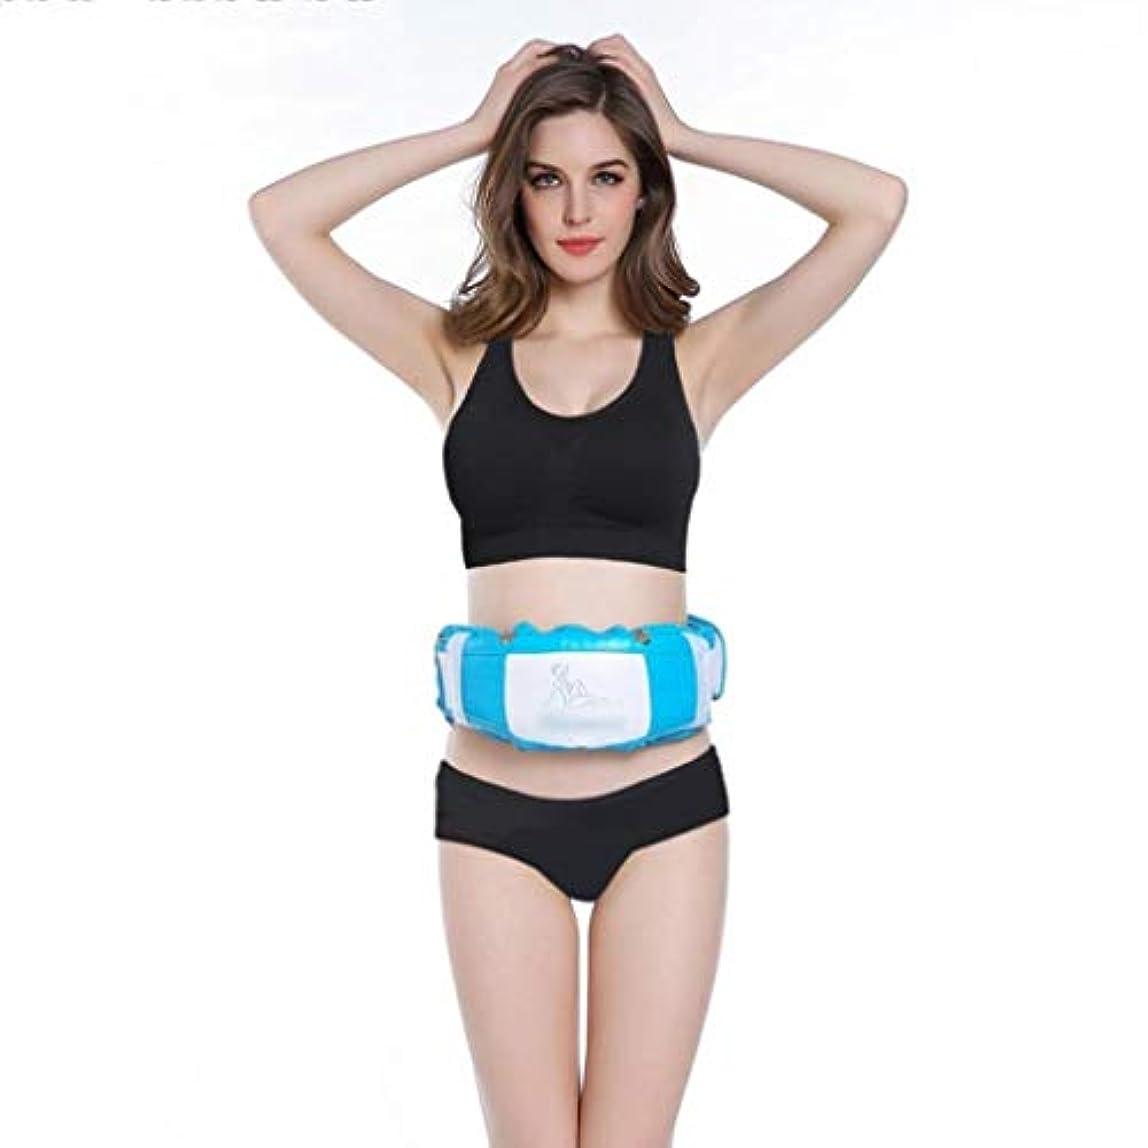 取り囲む画面ジレンマ体形Slim身ベルト、Slim身マシン、スポーツSlim身機器、細いウエストと細い腹、調整可能なフィットネスウエスト振動ベルト、男性と女性の減量機